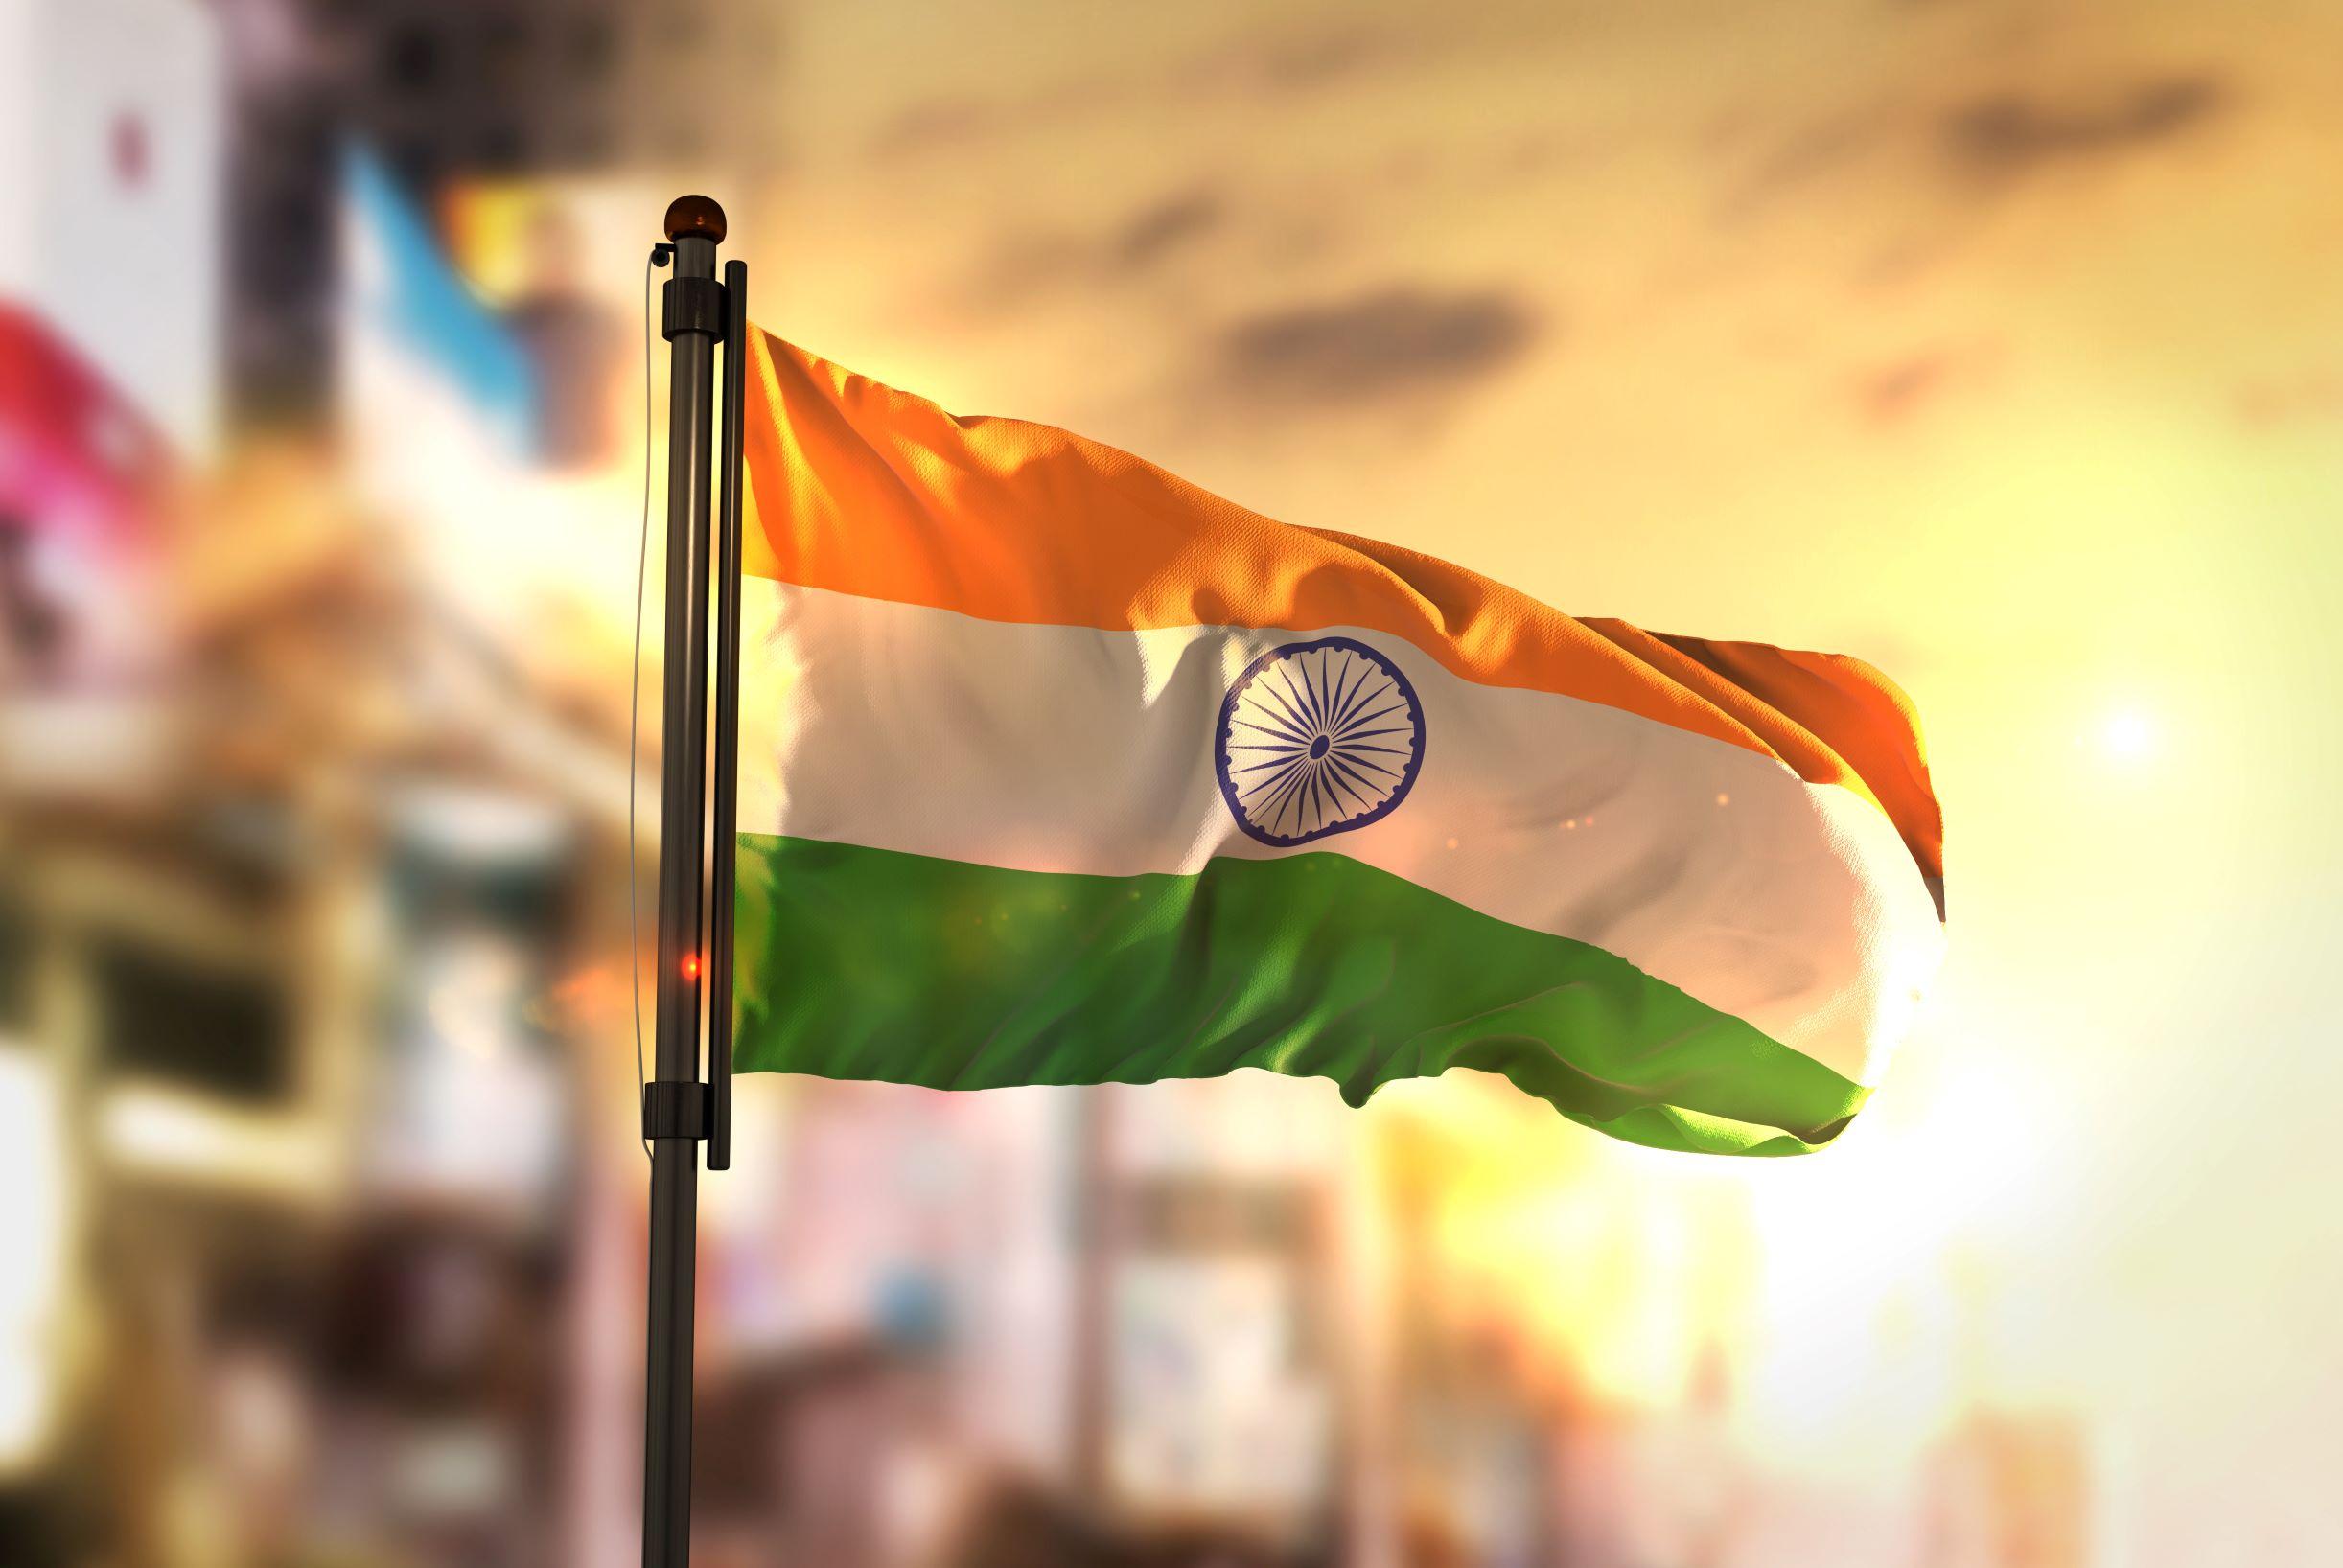 Maternità surrogata in India — È legale utilizzare madri surrogate dall'India?